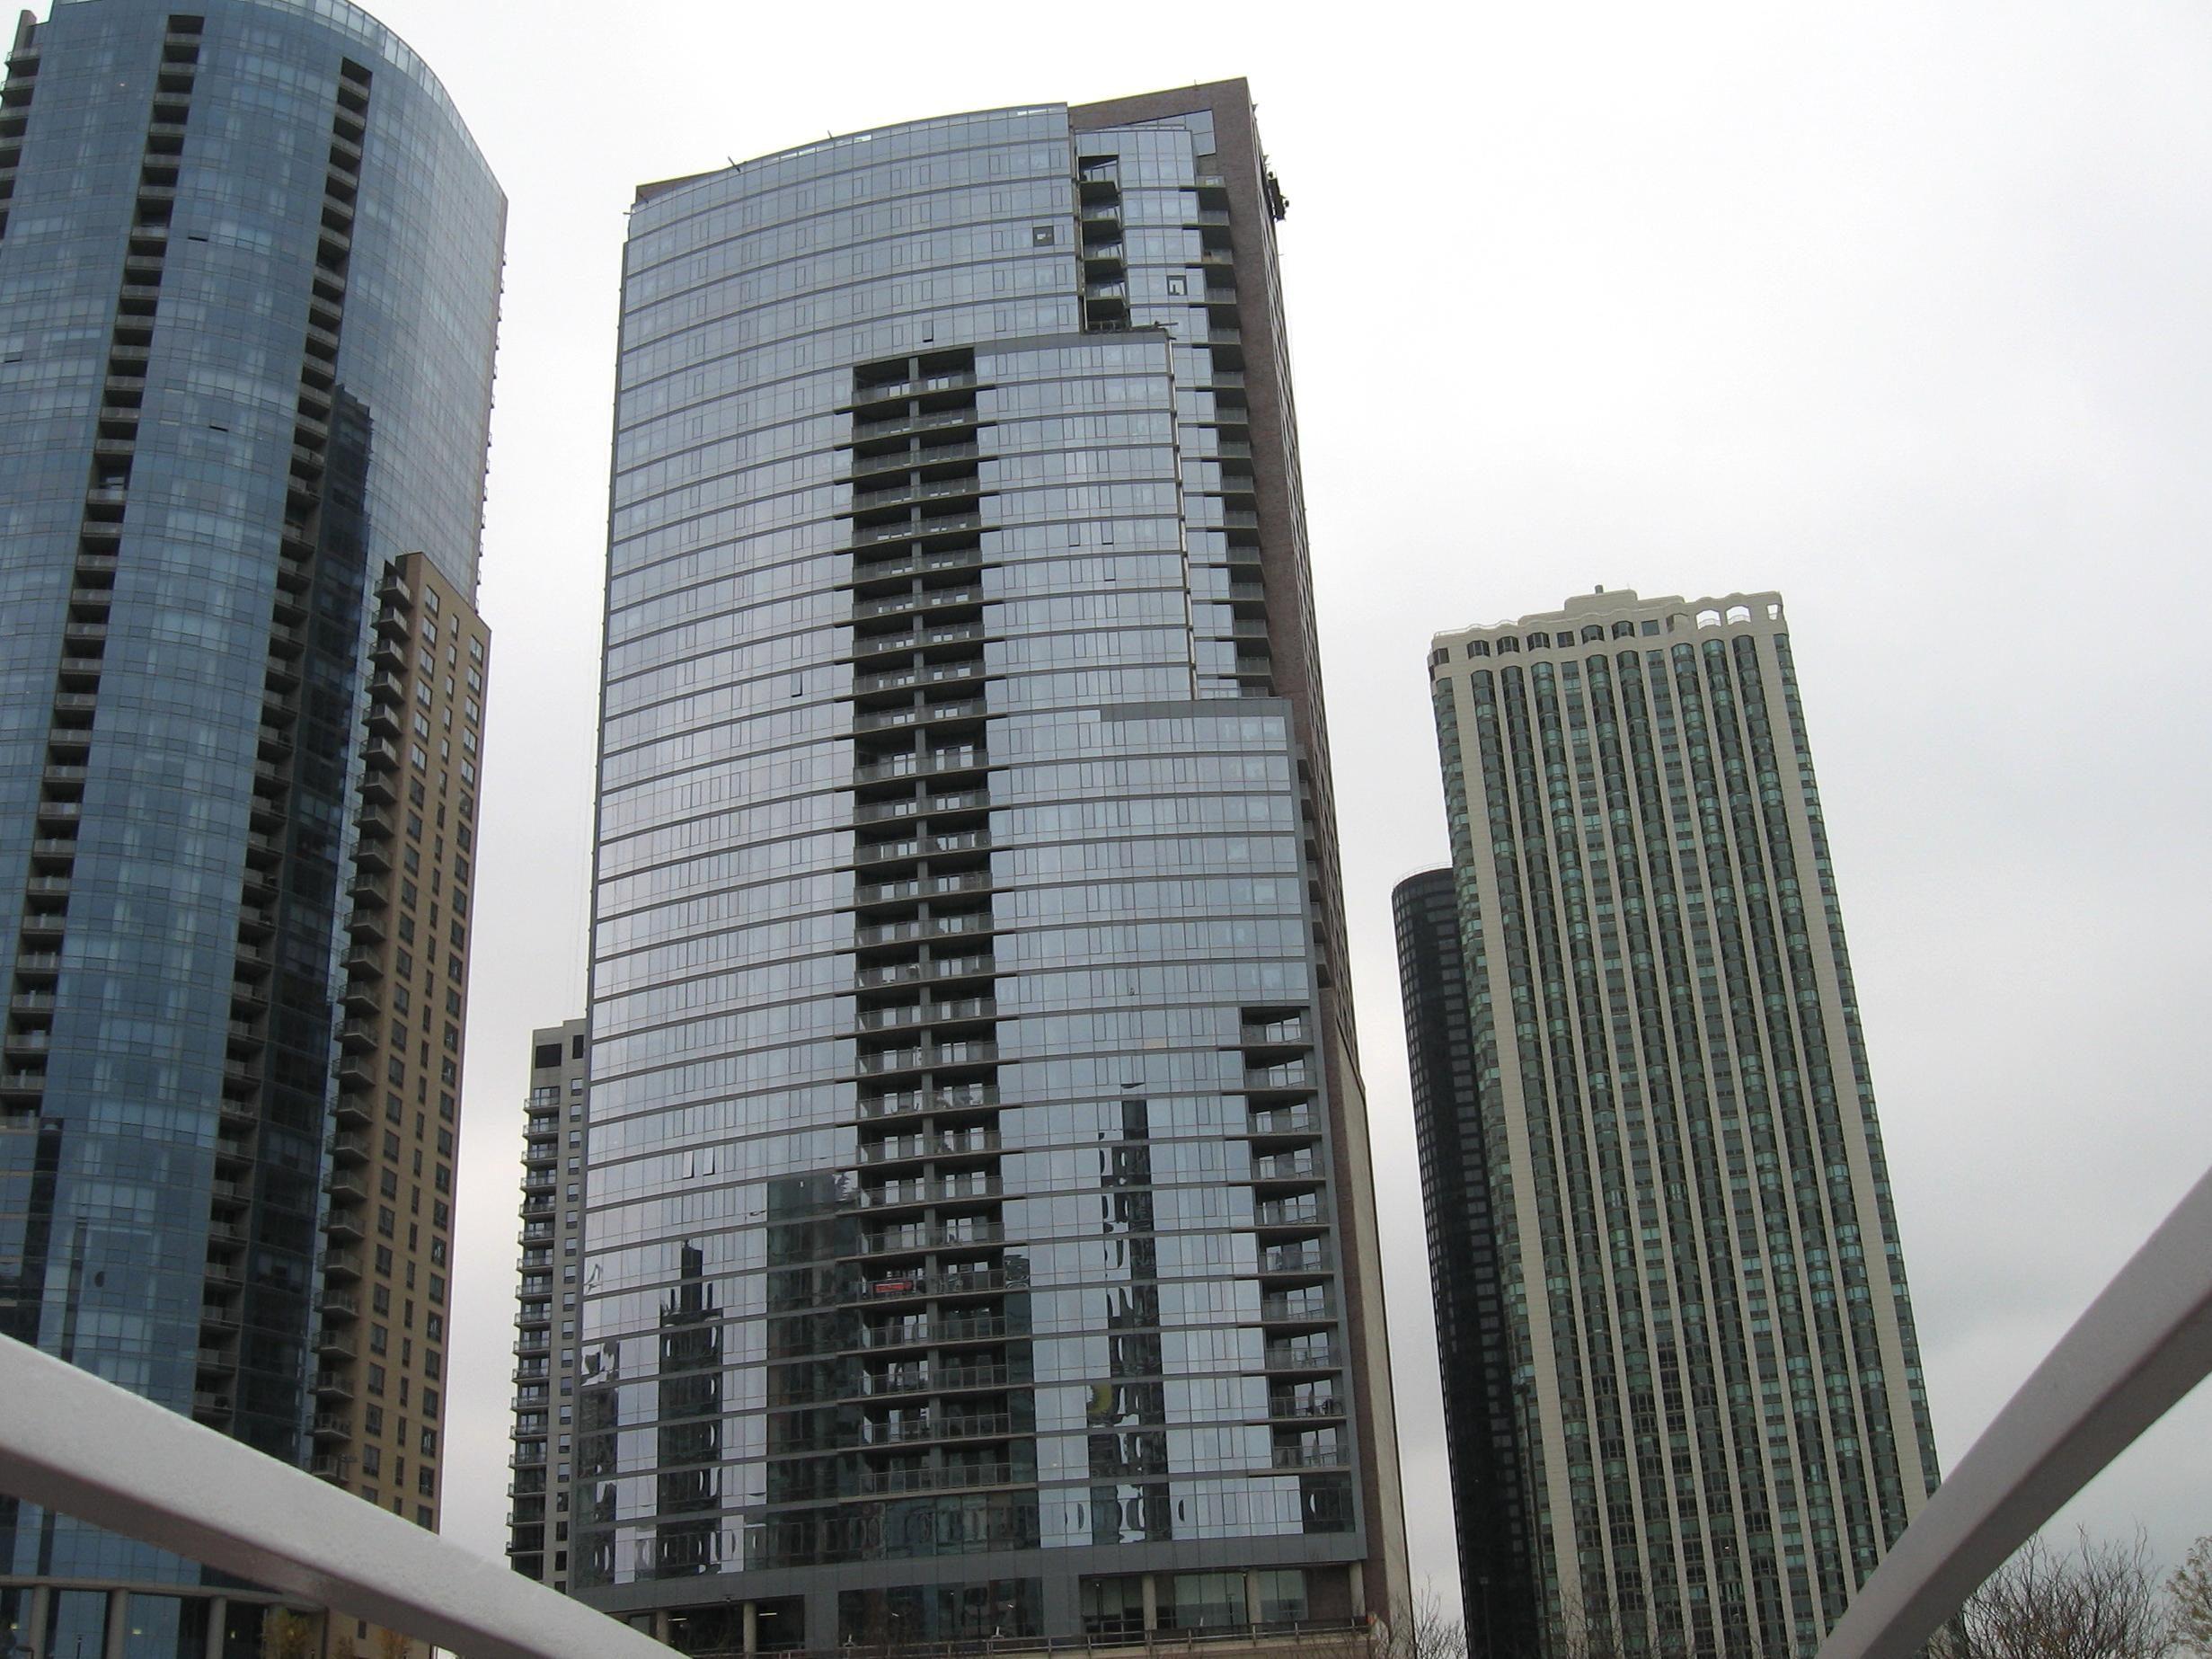 Image libre b timent bureau architecture ville urbain centre